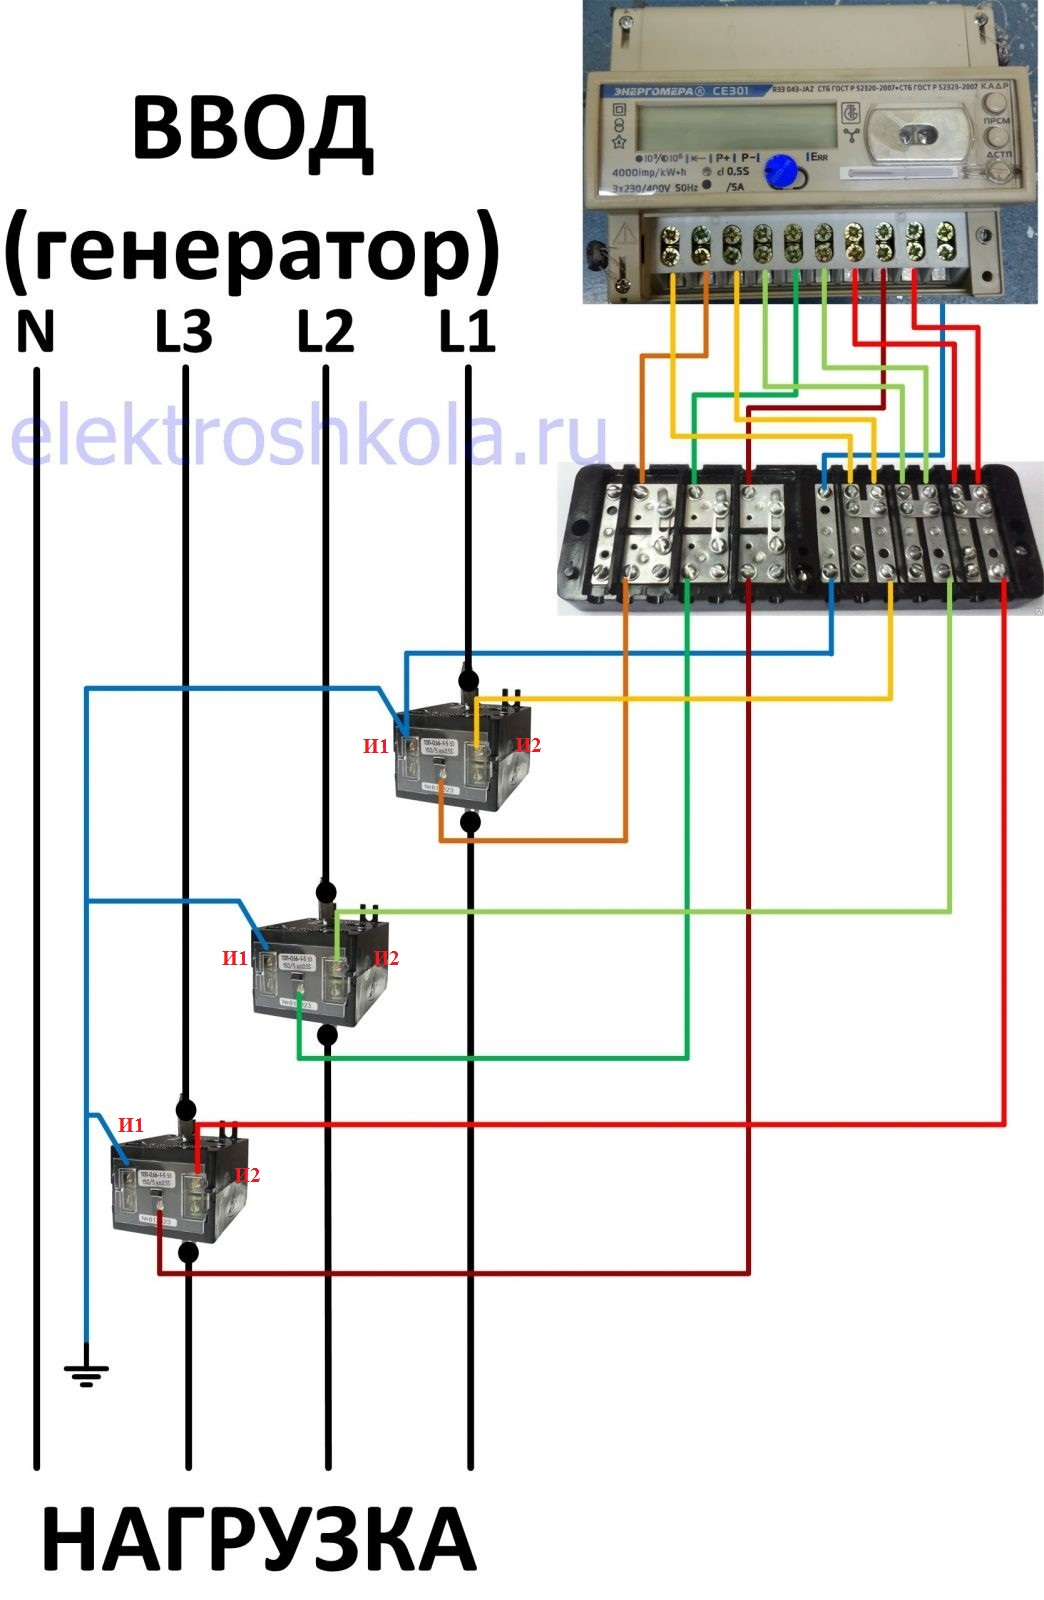 Схема подключения счетчика через трансформаторы тока семипроводная